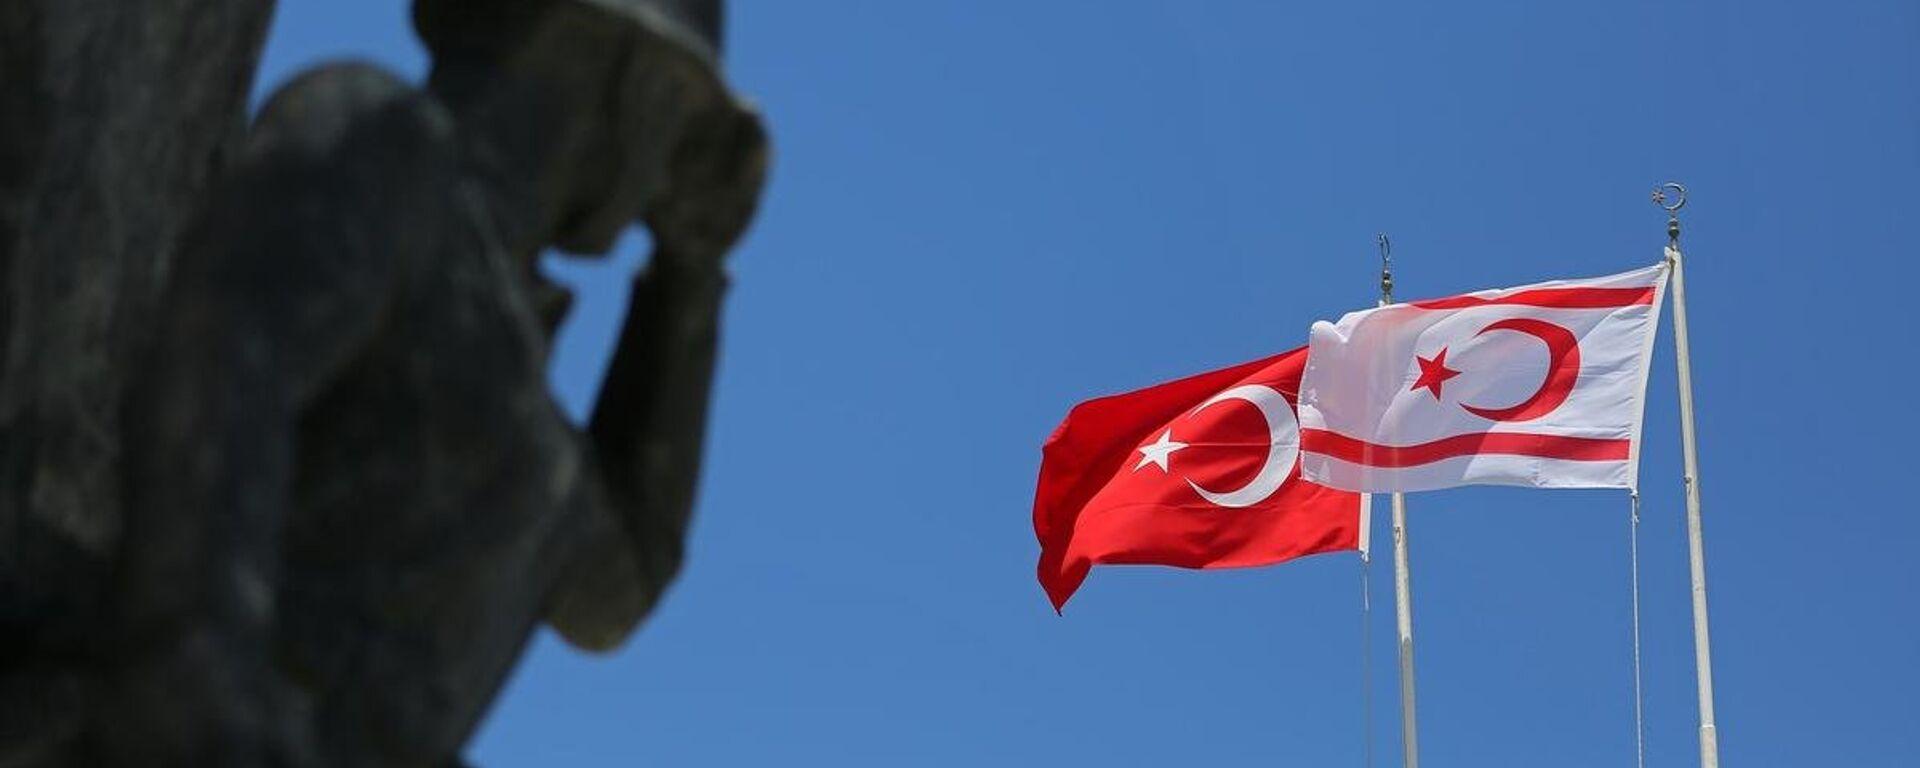 KKTC - Sputnik Türkiye, 1920, 21.07.2021